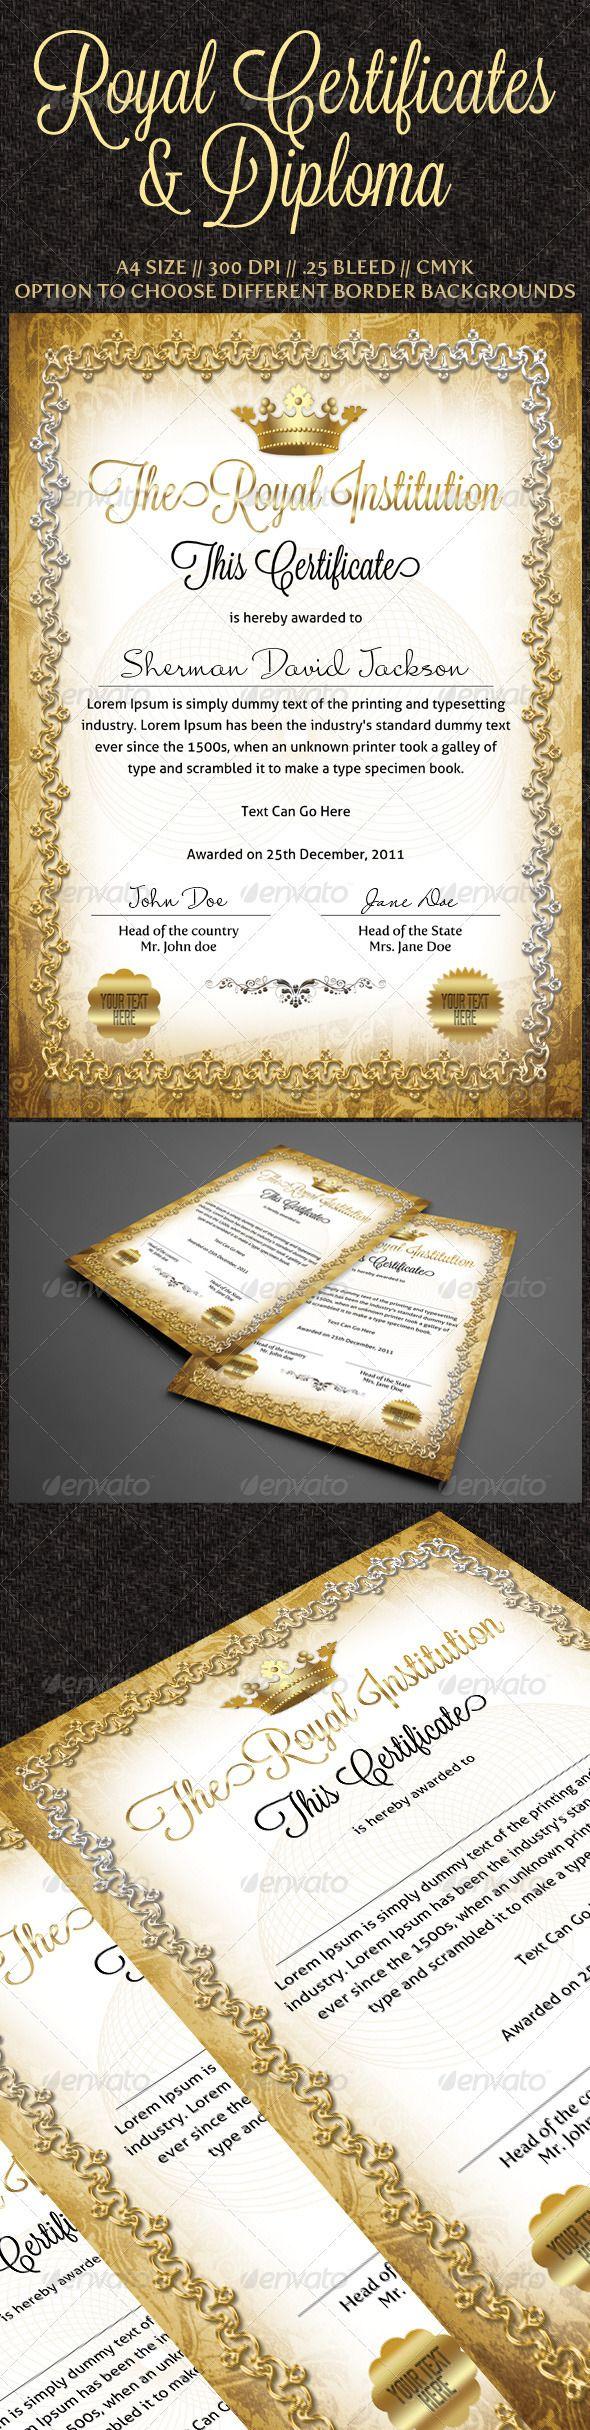 47 best Certificate design images – Life Membership Certificate Template